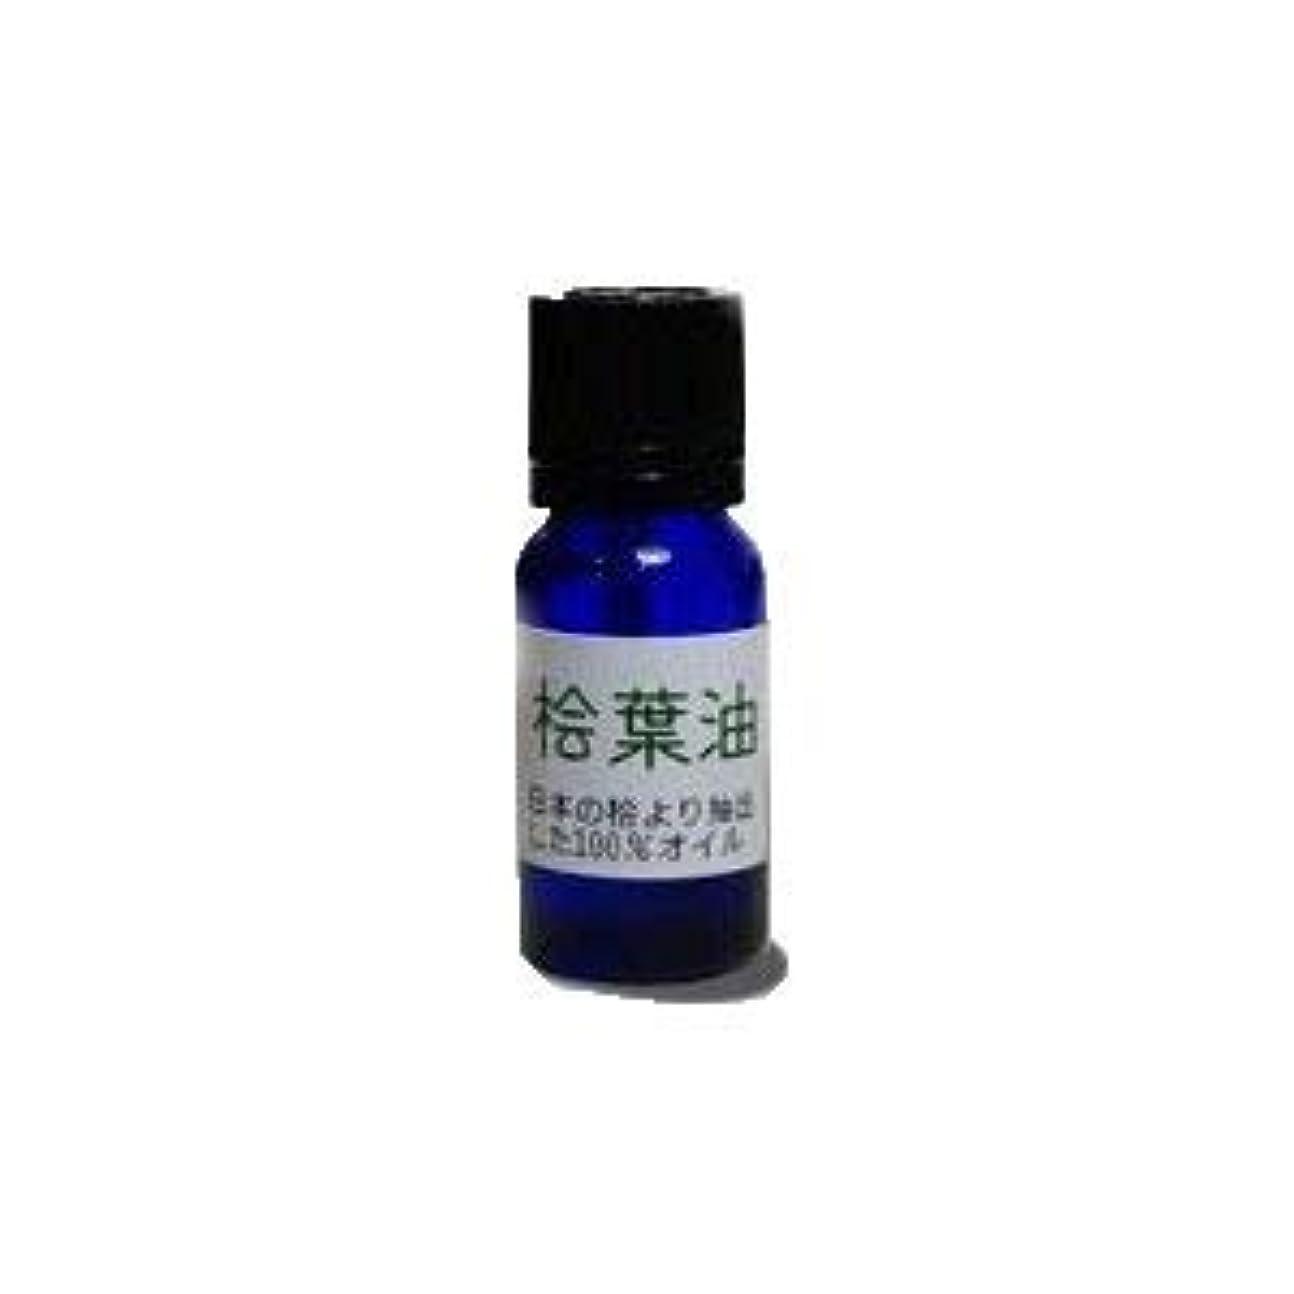 エンディンググラフィックバングひのき葉オイル 10ml(希少なひのきの「葉」から抽出した100%天然のヒノキ葉オイル) アロマ、お部屋やお車の芳香剤、お風呂の入浴剤にhinoki oil 桧葉油